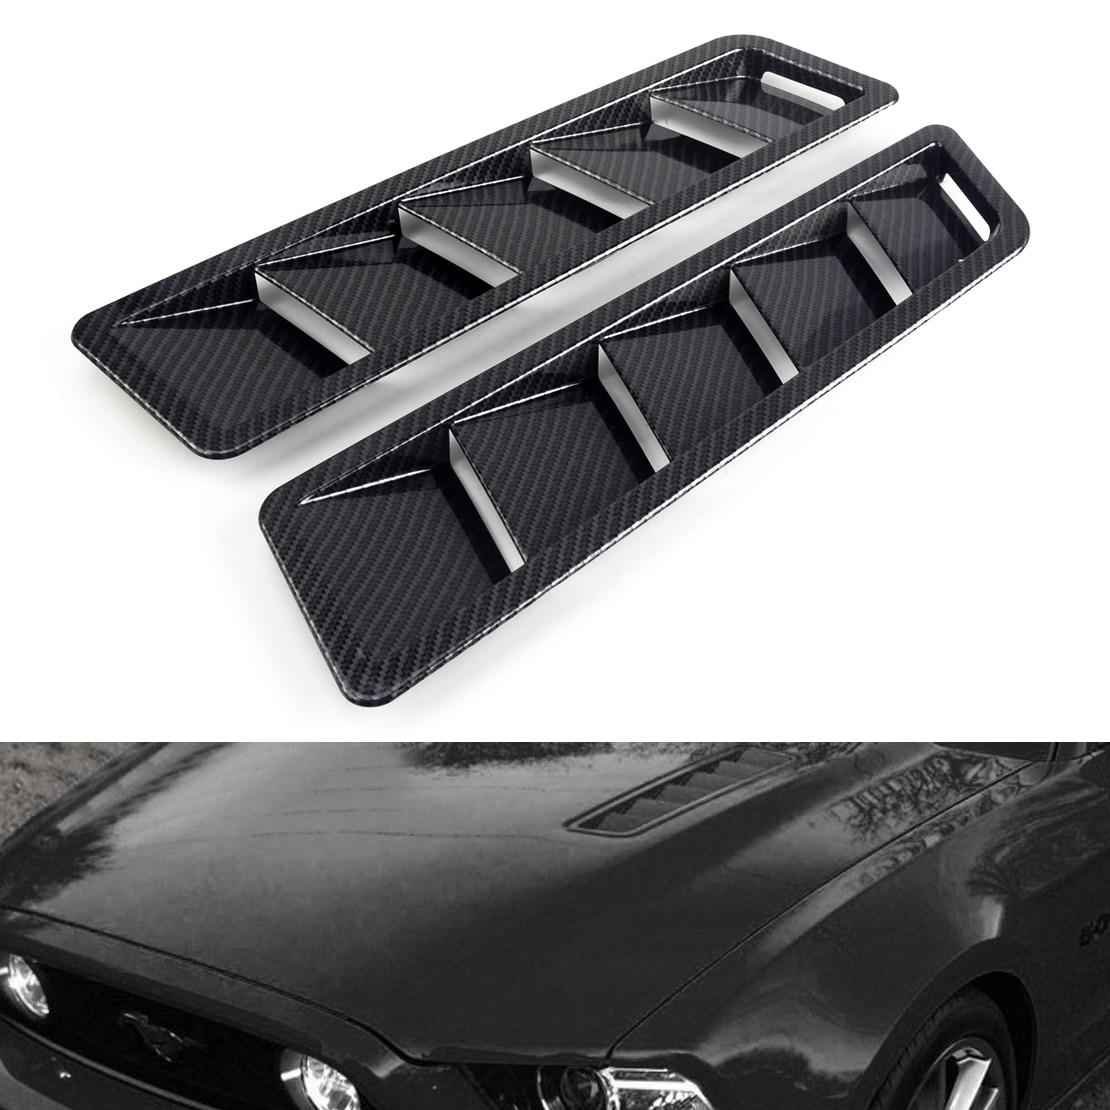 DWCX 2pcs Universal Solid Carbon Fiber Look Style Hood Vent Louver Cooling Panel Trim